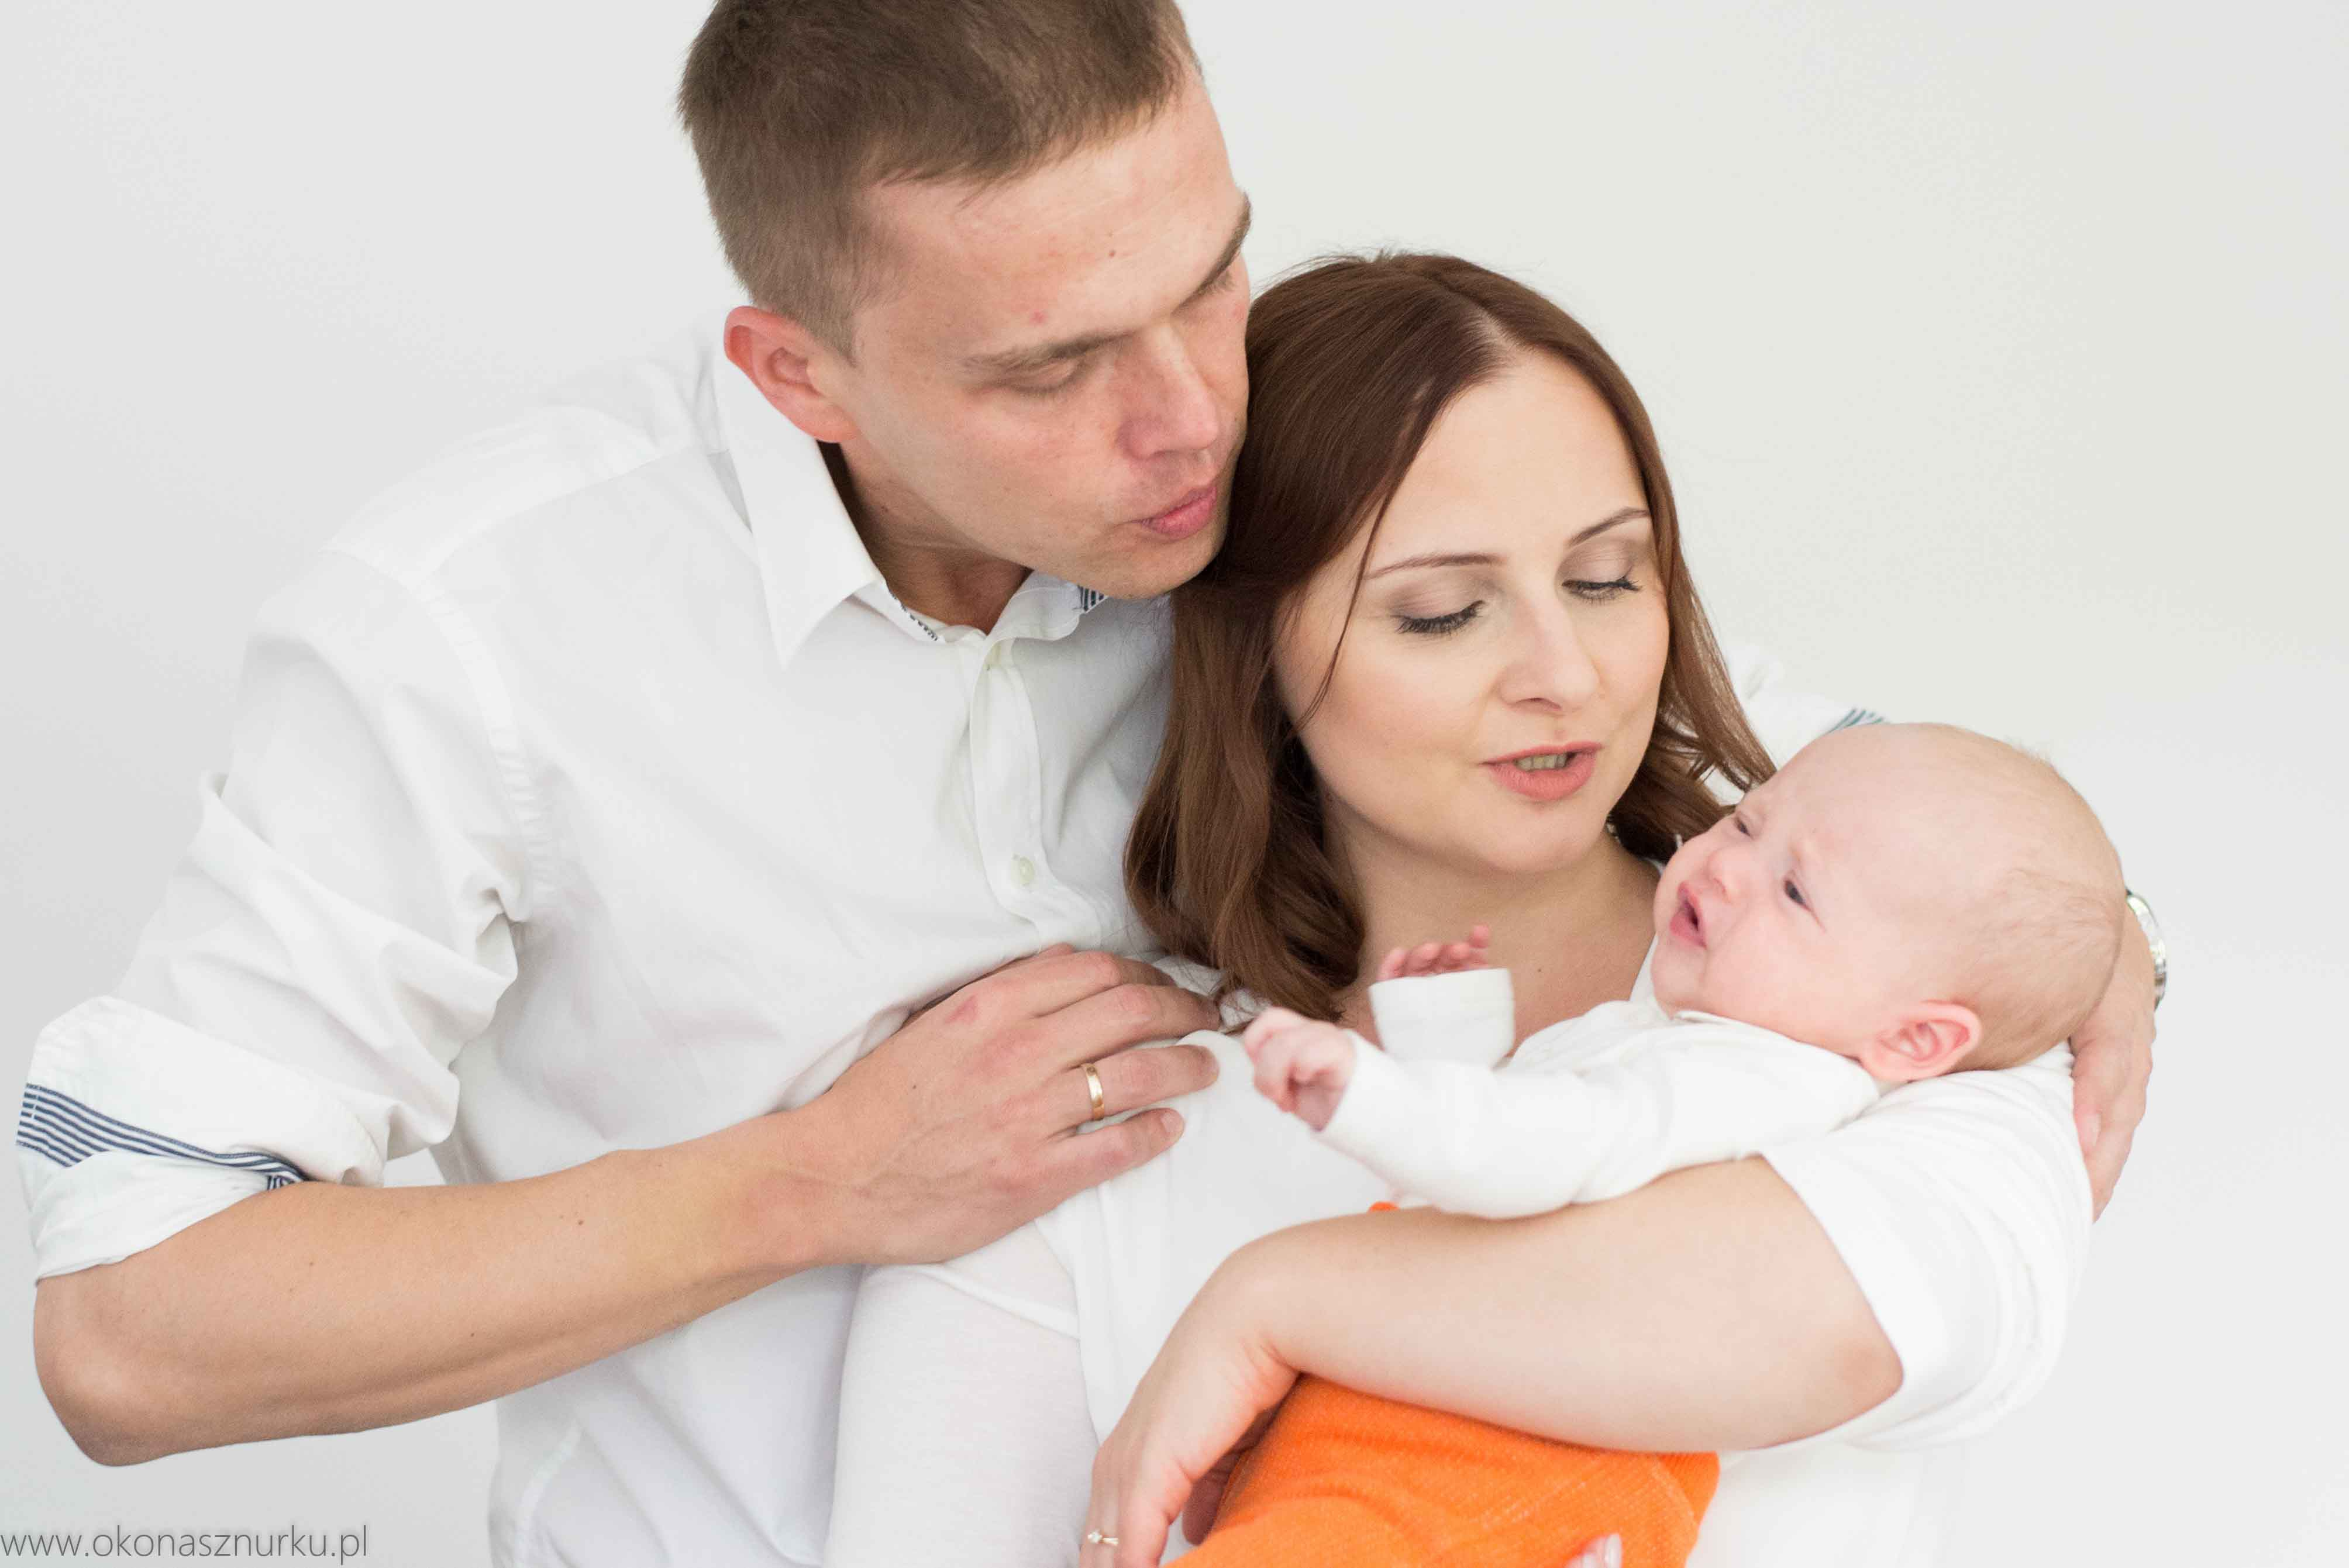 domowa sesja rodzinna w domu fotografia rodziny Wrocław